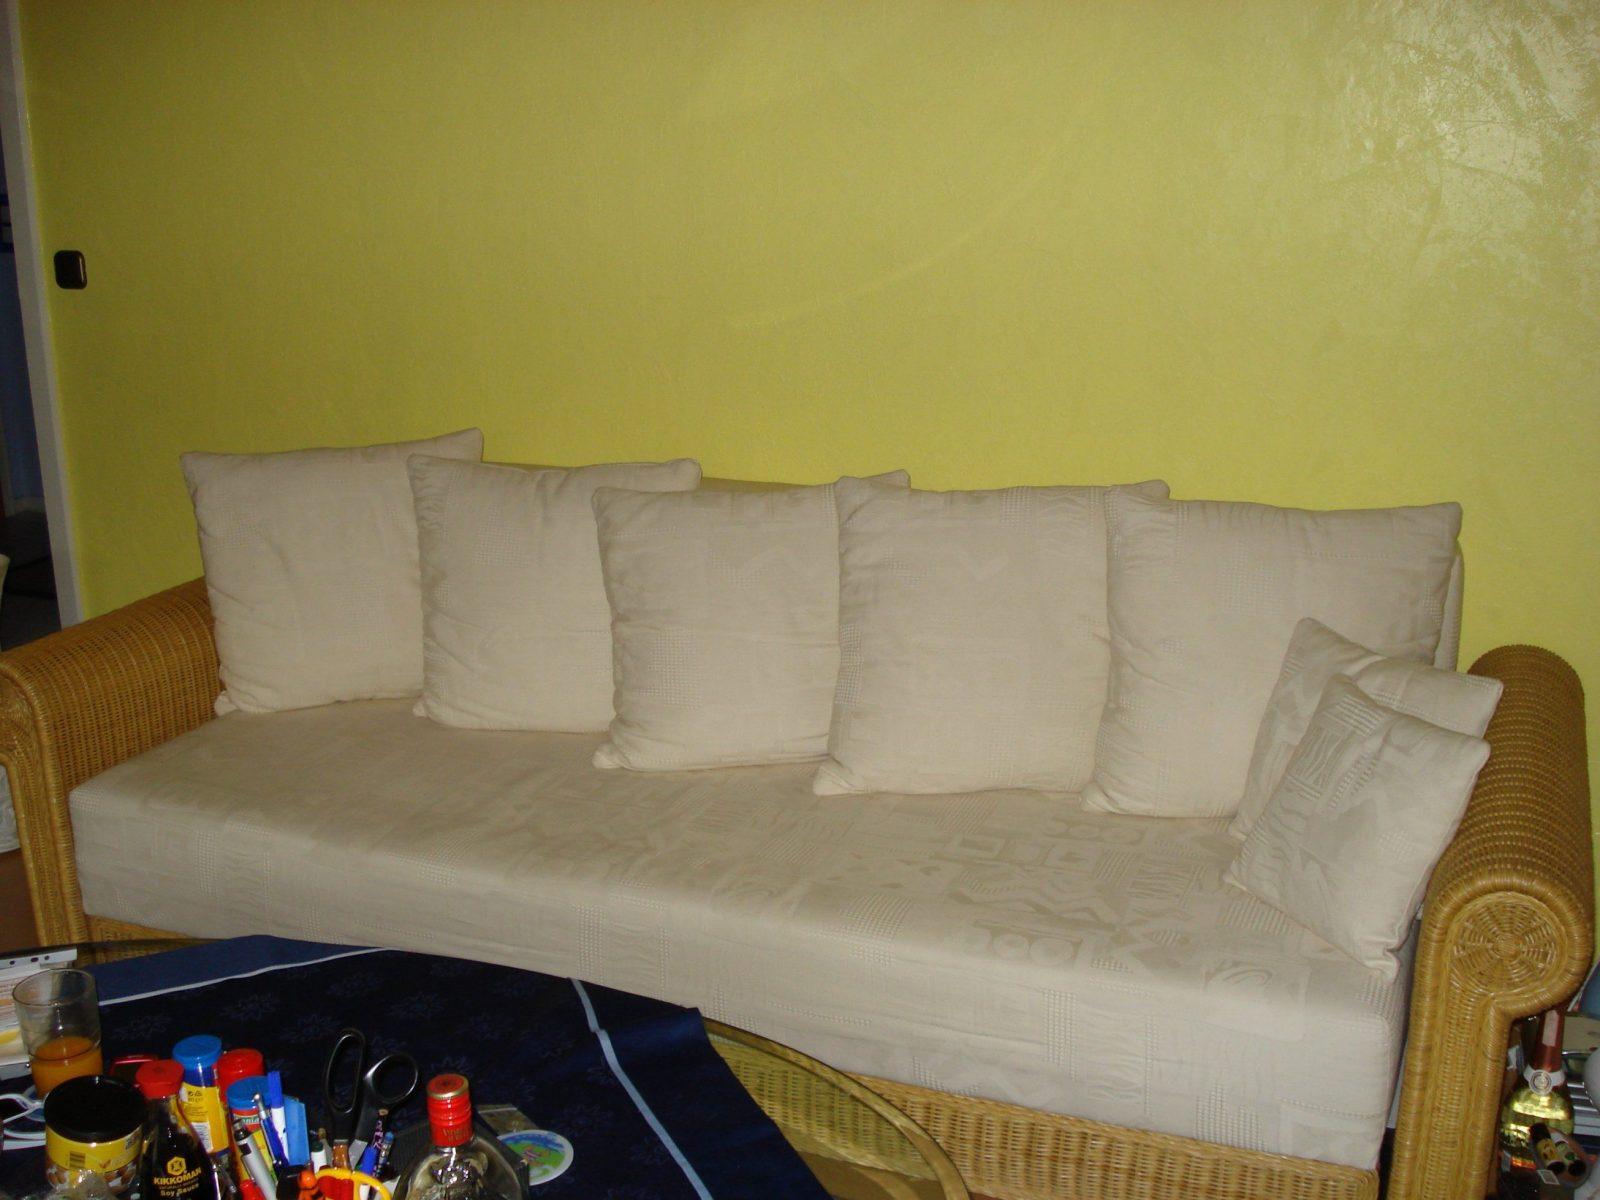 26 Beste Von Designideen Rattan Couch Mit Schlaffunktion von Rattan Couch Mit Schlaffunktion Bild